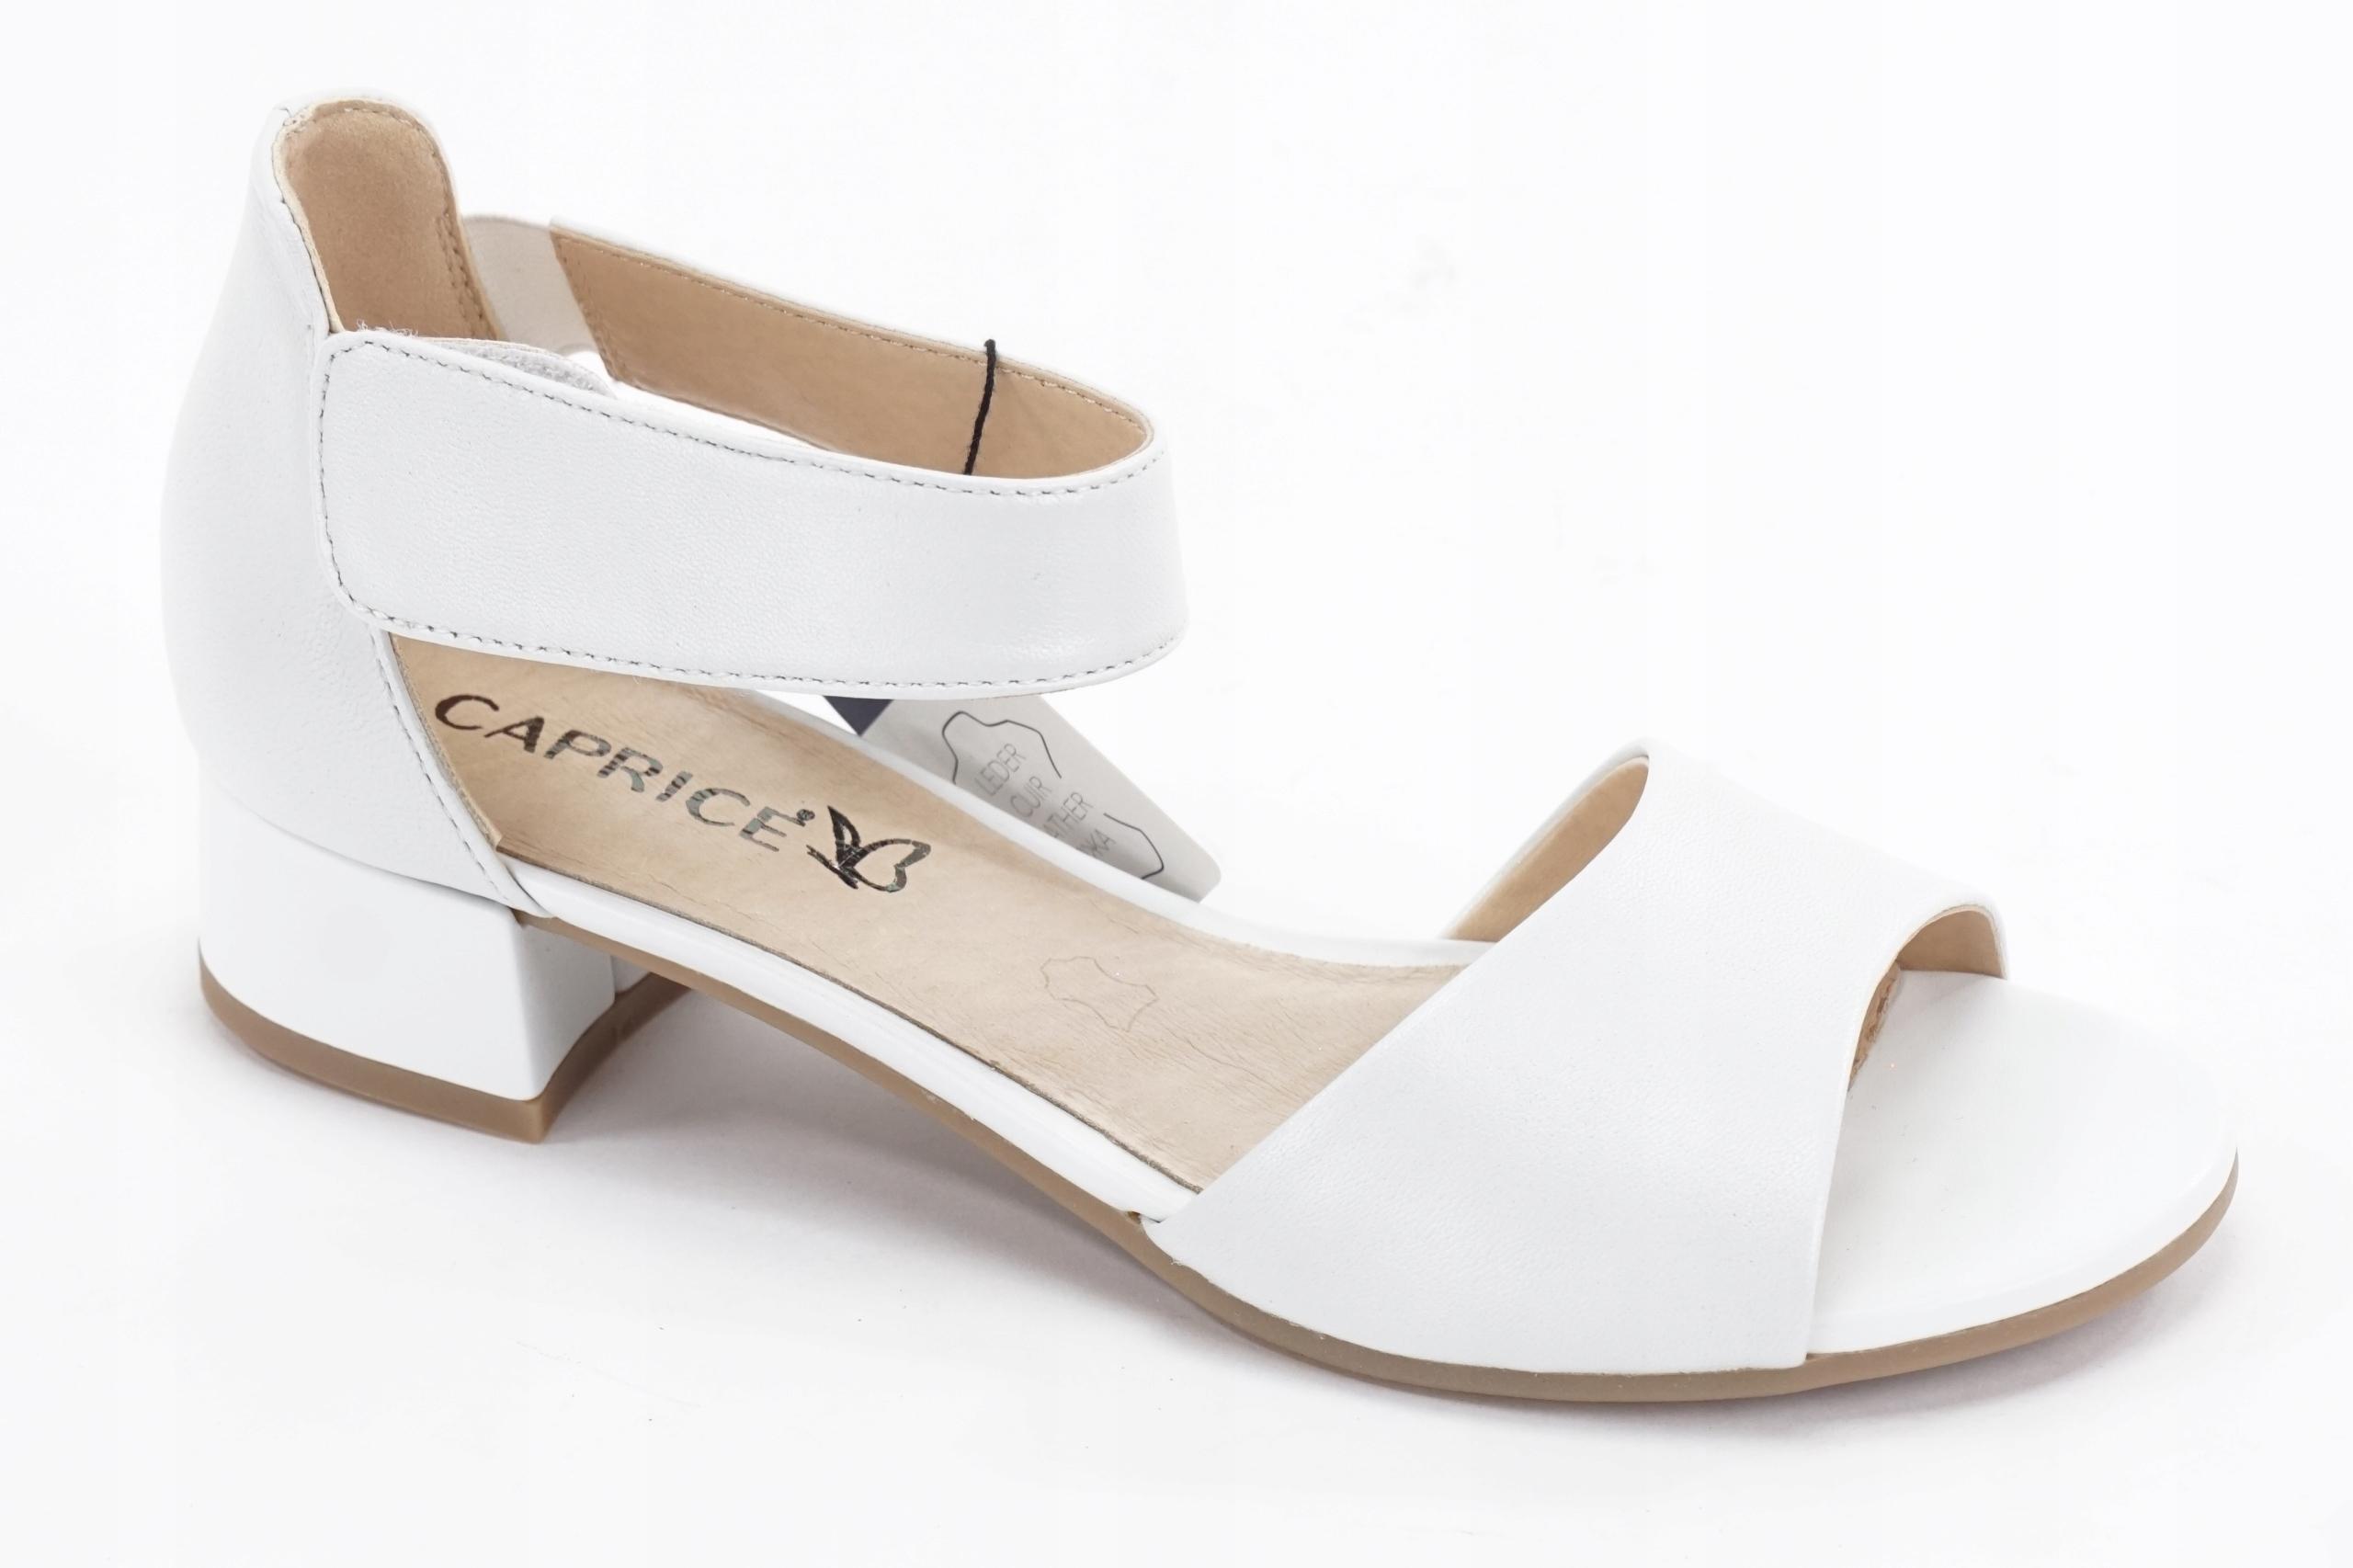 CAPRICE R. 36 skórzane sandały białe rzepy DJ152 9